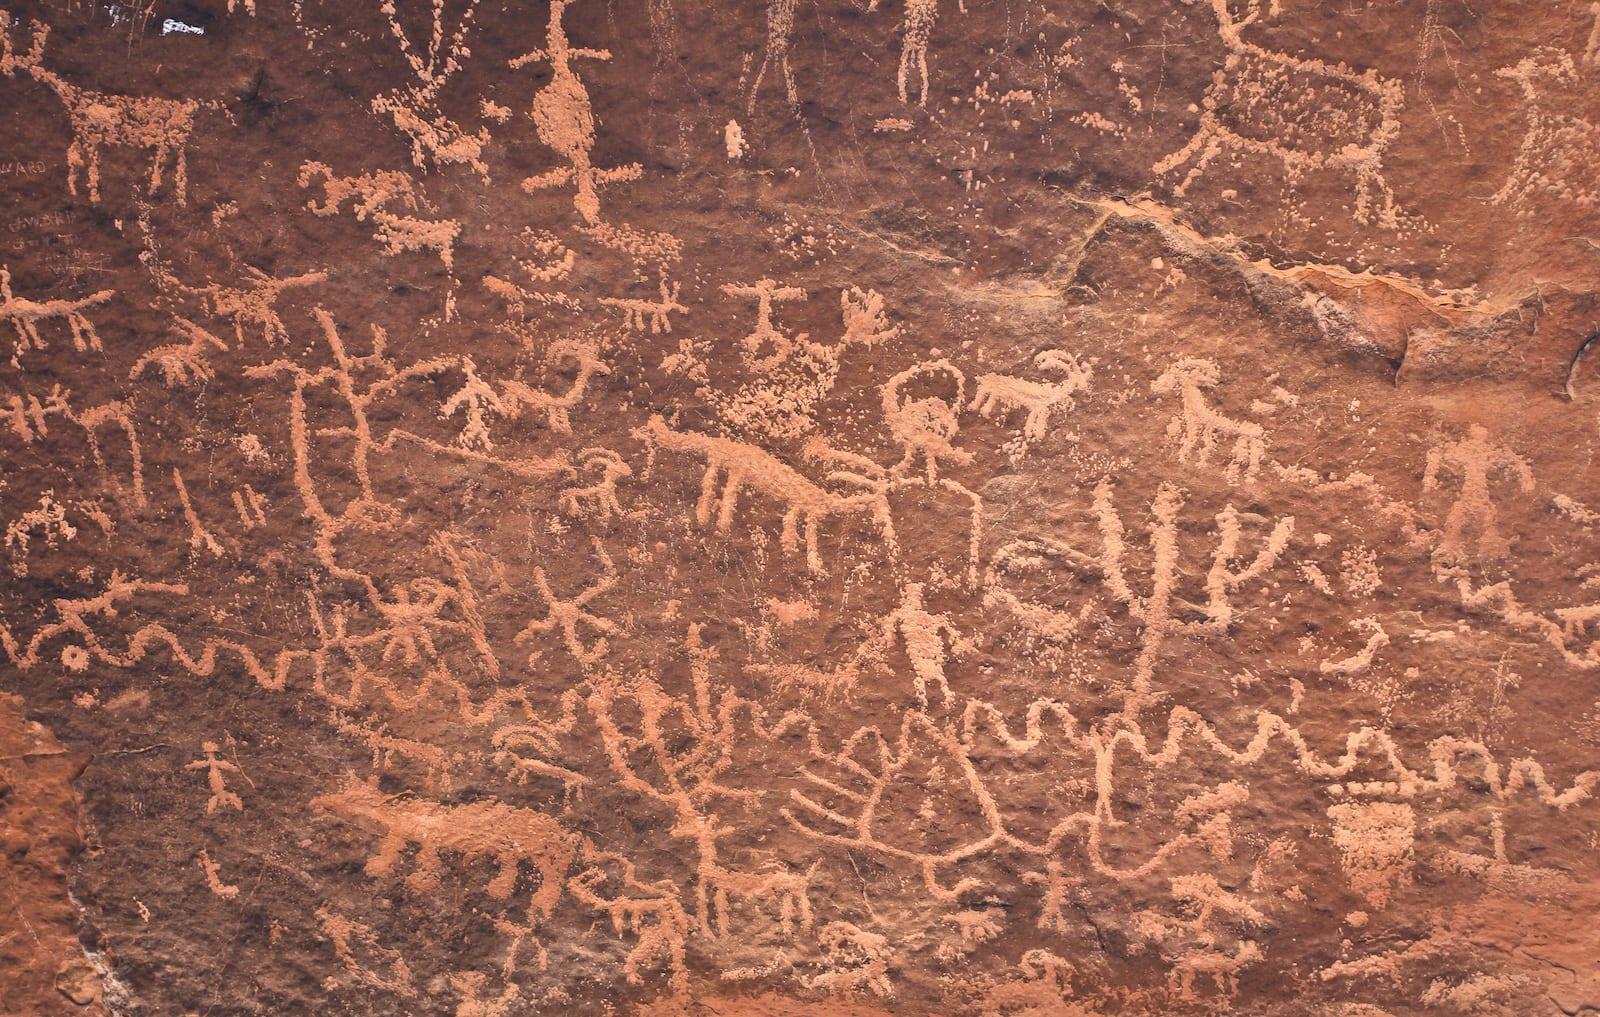 Dominguez-Escalante NCA Petroglyph